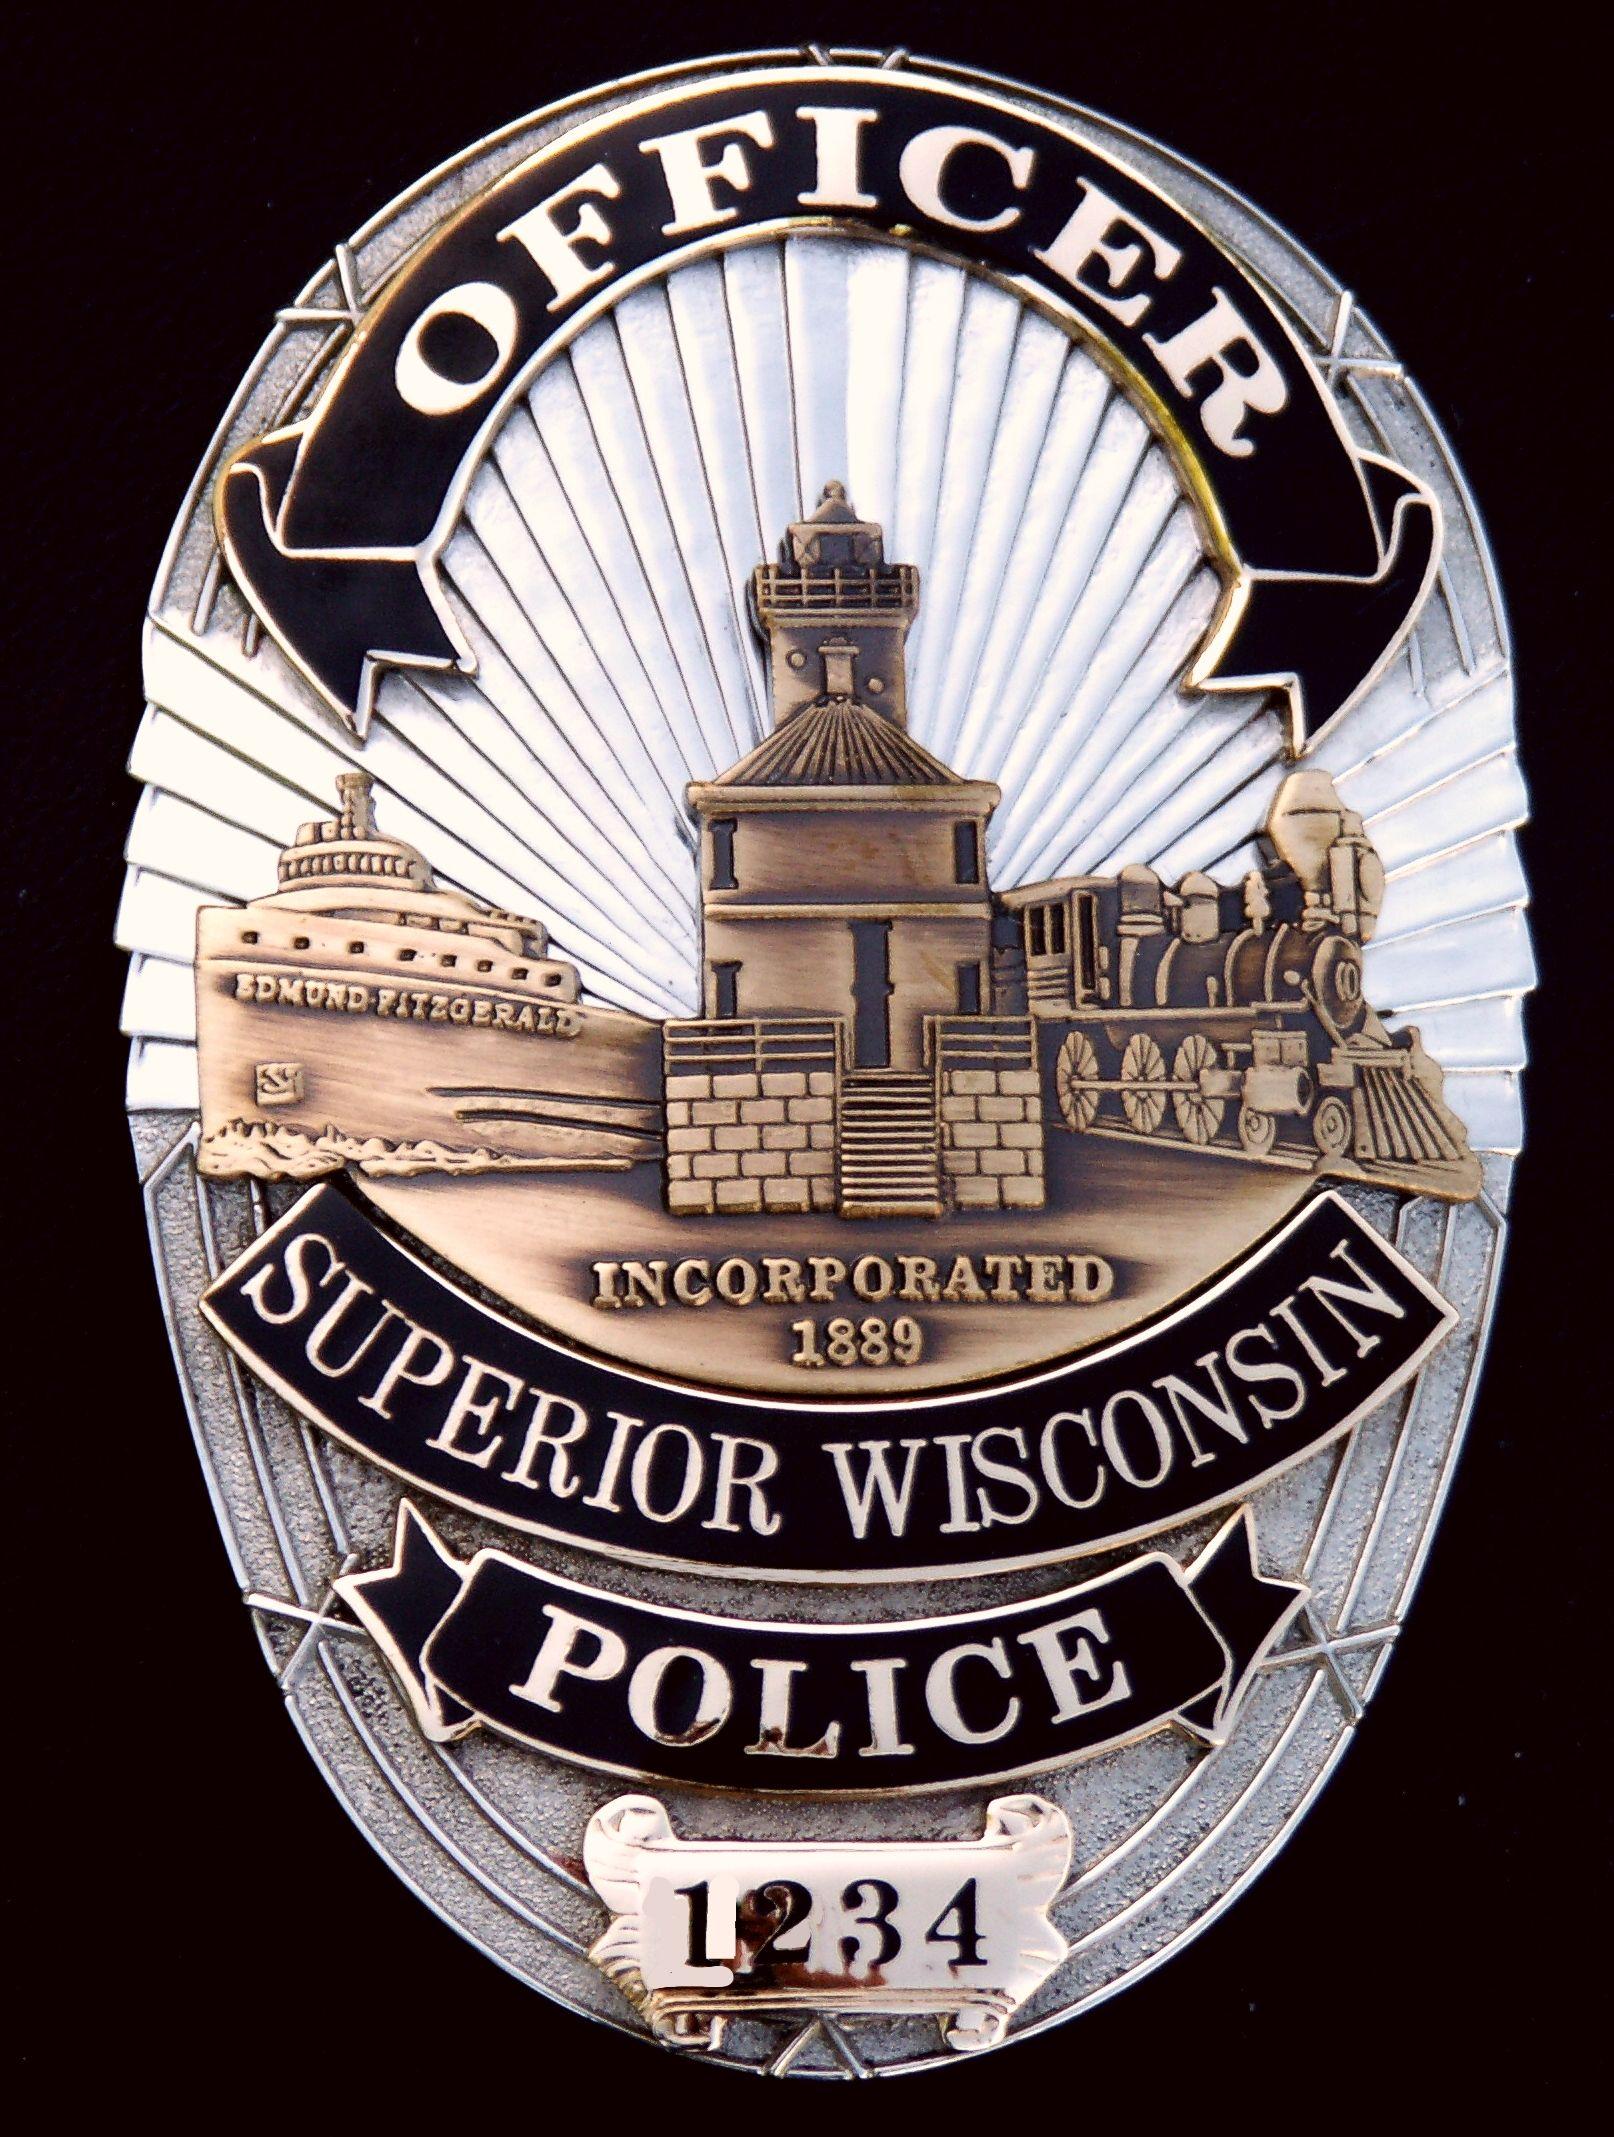 Police Badges Firefighter Badges Deputy Sheriff Badges Placas De Policia Insignias Aplicacion De La Ley